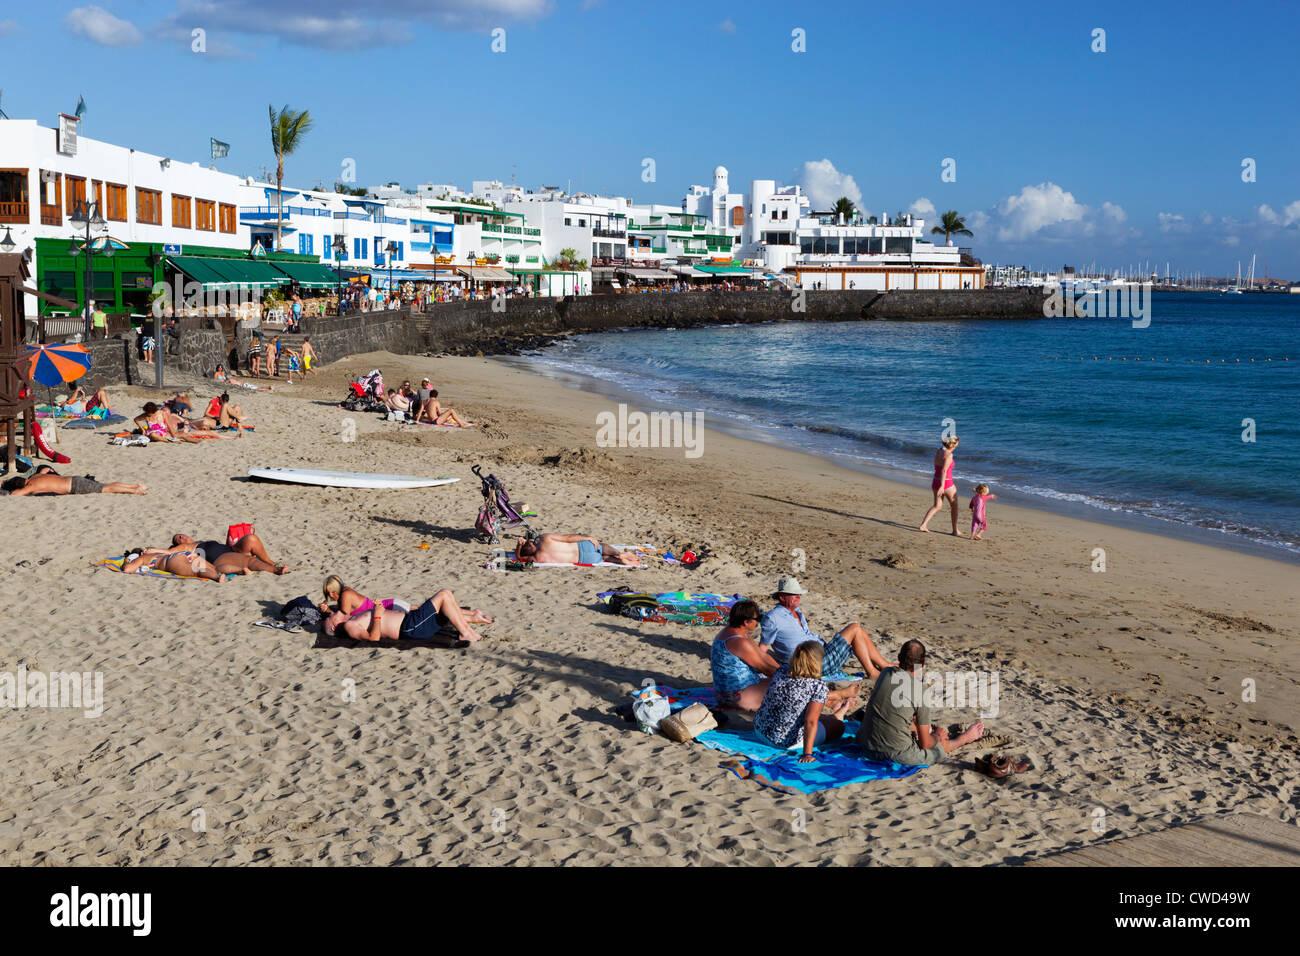 Blick auf den Strand Stockbild